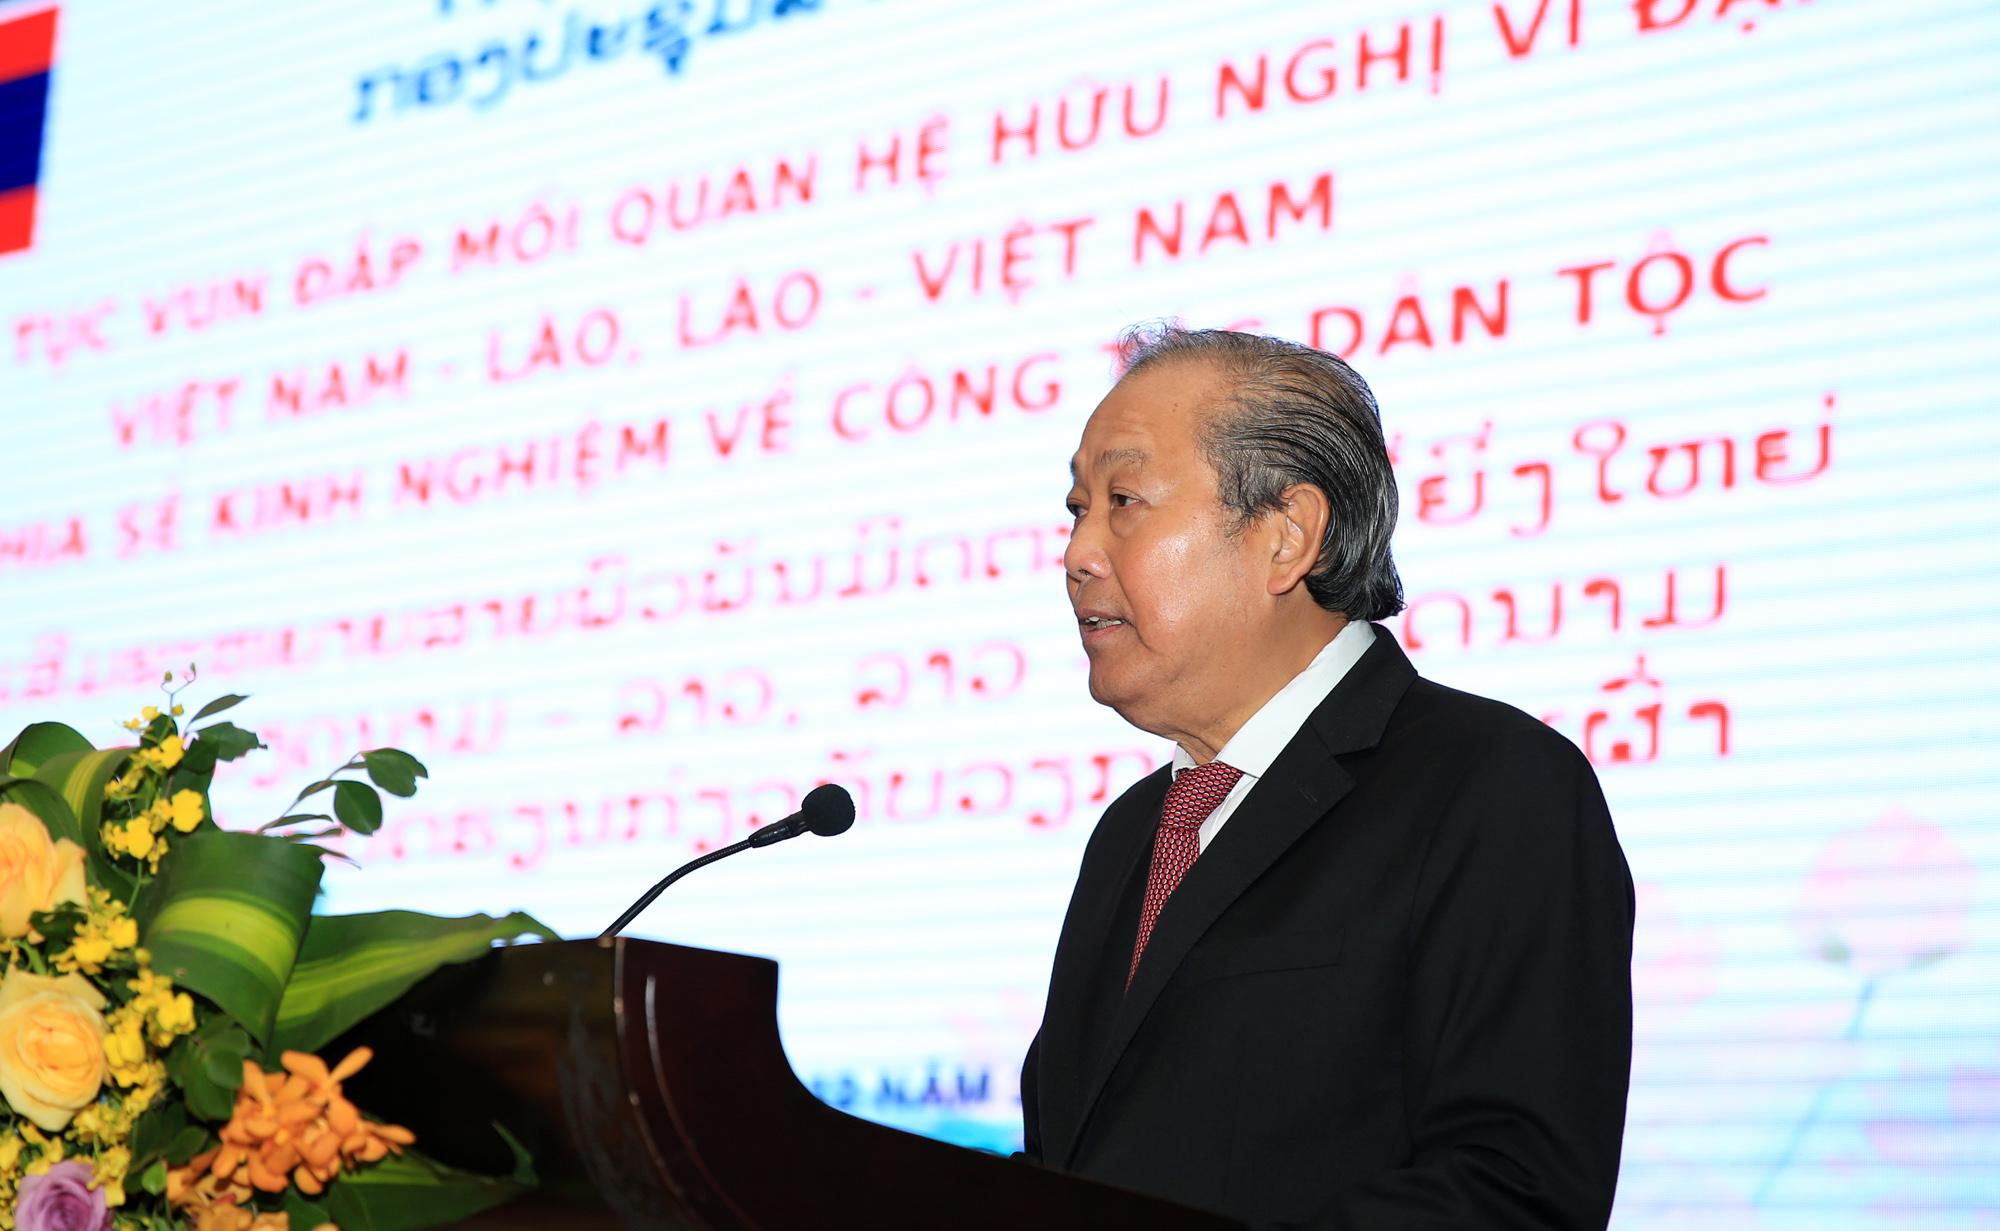 Phó Thủ tướng Thường trực Chính phủ Trương Hòa Bình phát biểu tại Hội thảo